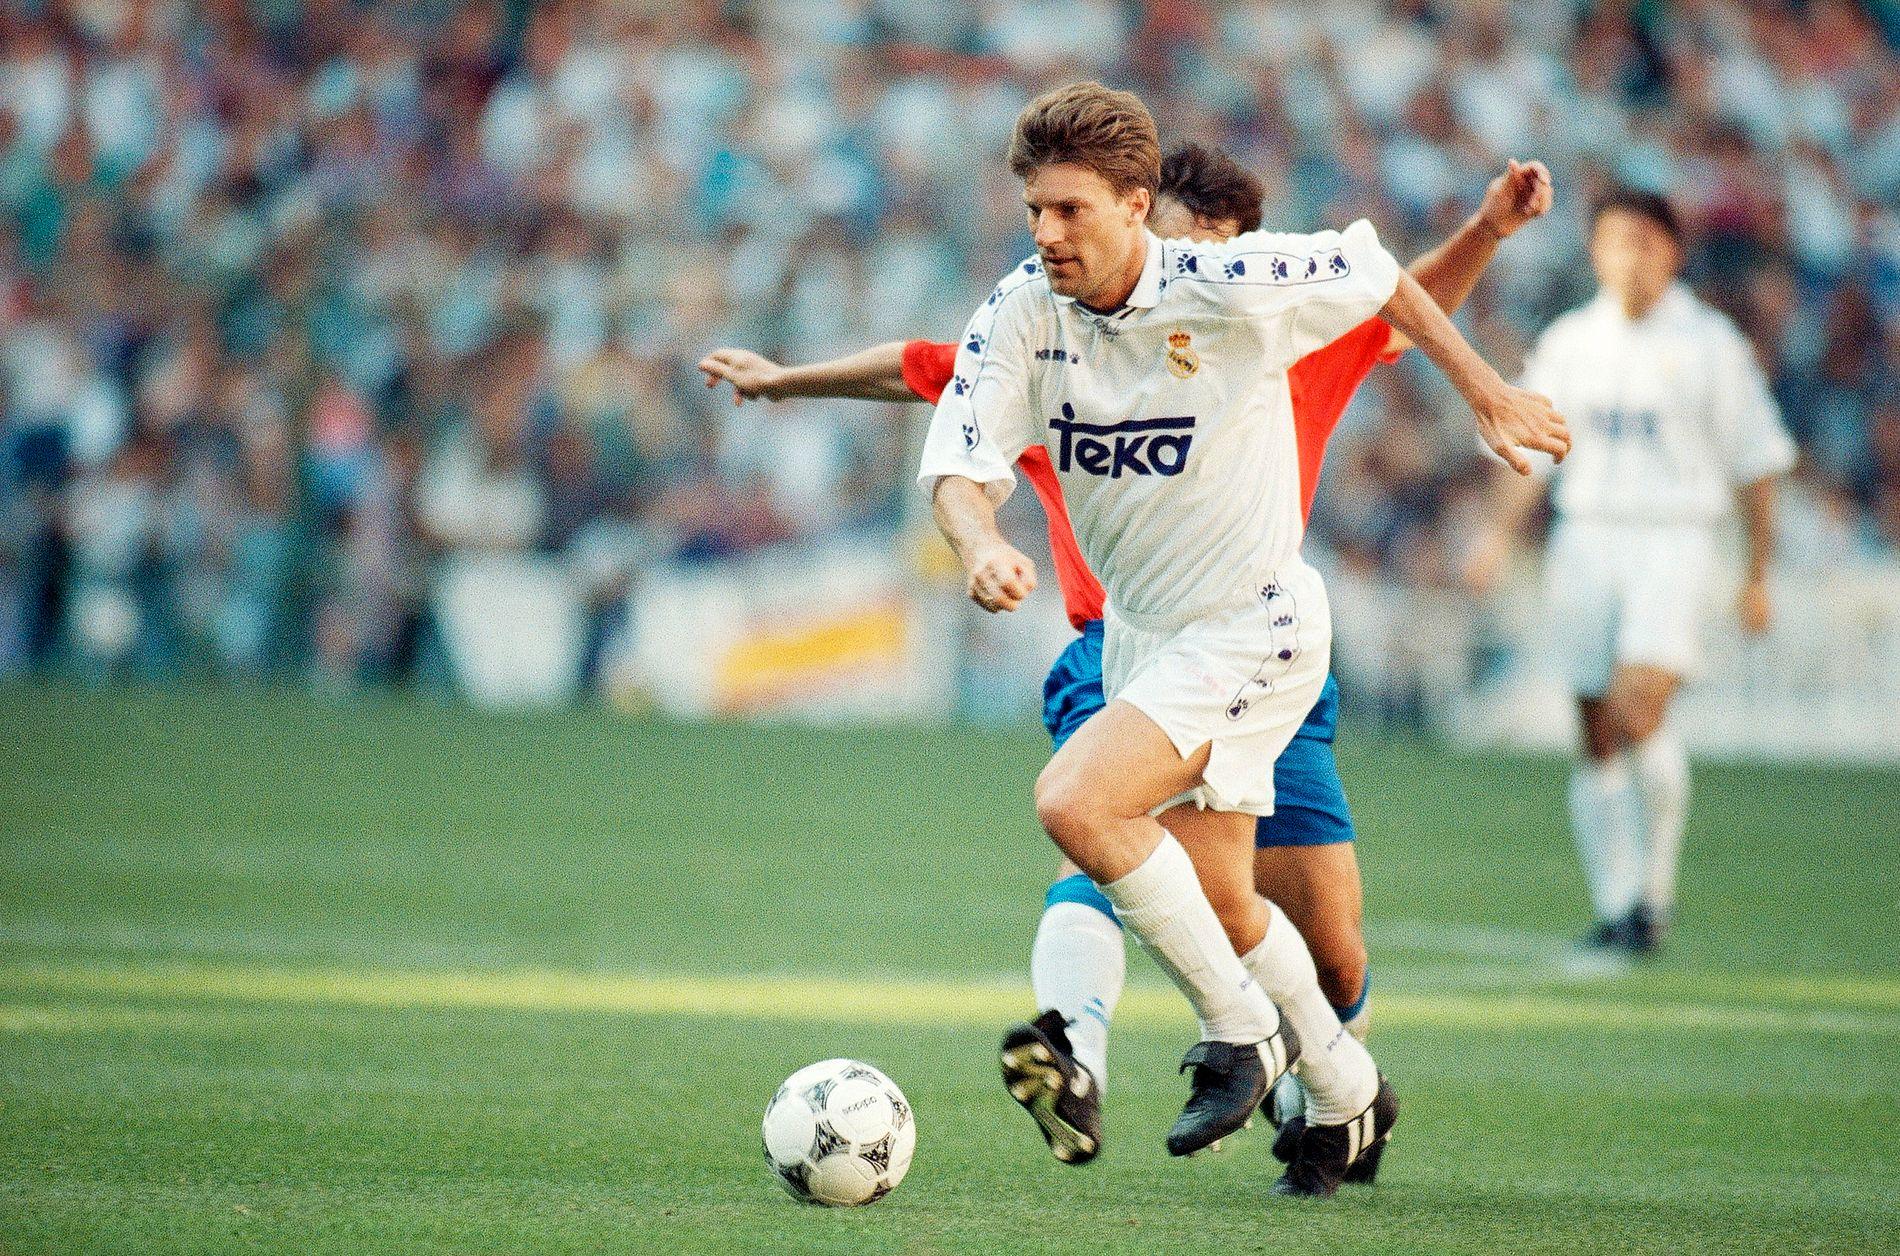 Sa nei: Danske Michael Laudrup, her i Real Madrid-drakt, er en av få verdensstjerner som har sagt nei til spill i EM eller VM. Han var ikke med i EM i 1992 og ble dermed heller ikke europamester.